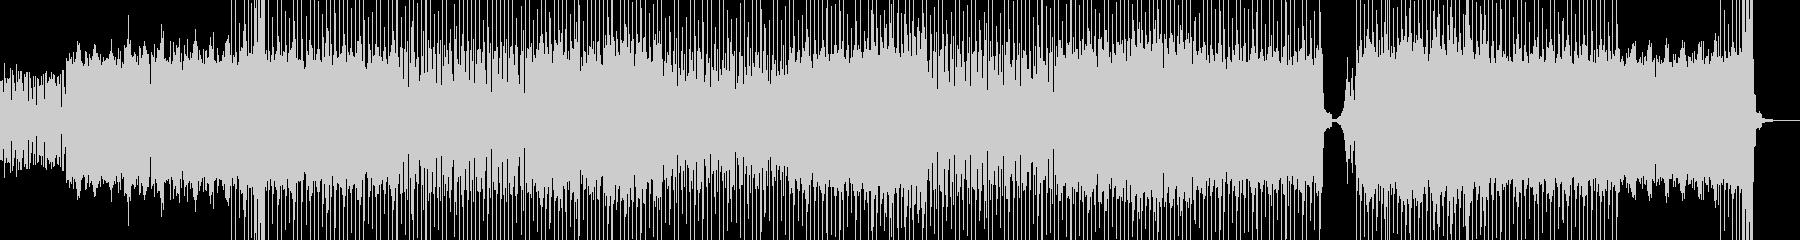 トリッキーなフレーズの重厚なテクノの未再生の波形